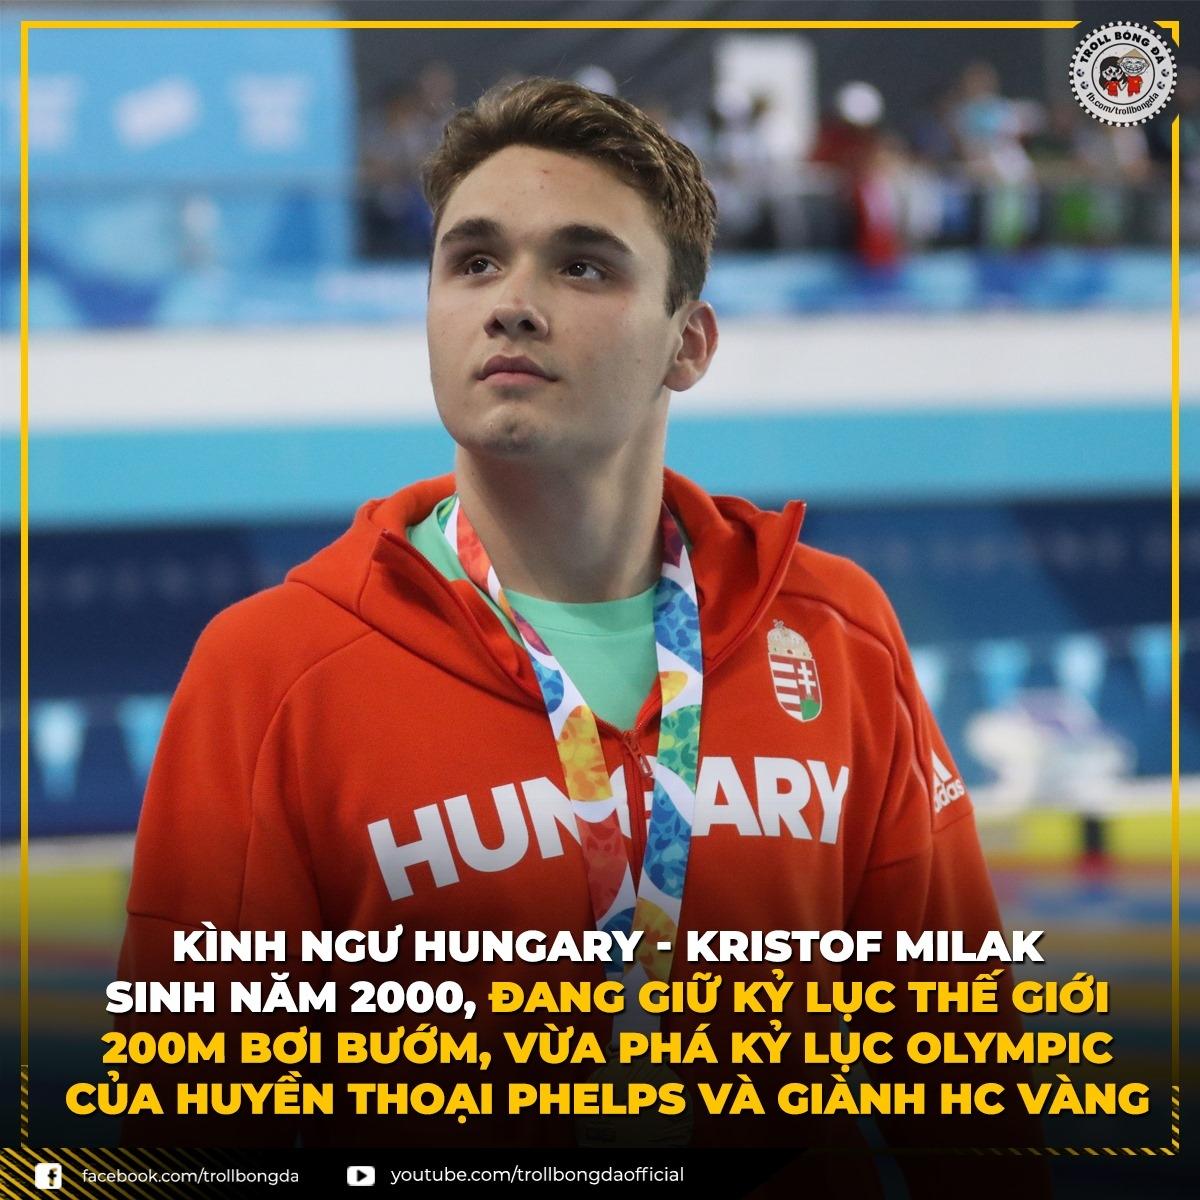 VĐV Hungary phá kỷ lục Olympic củaMichael Phelps (Ảnh: Troll bóng đá).